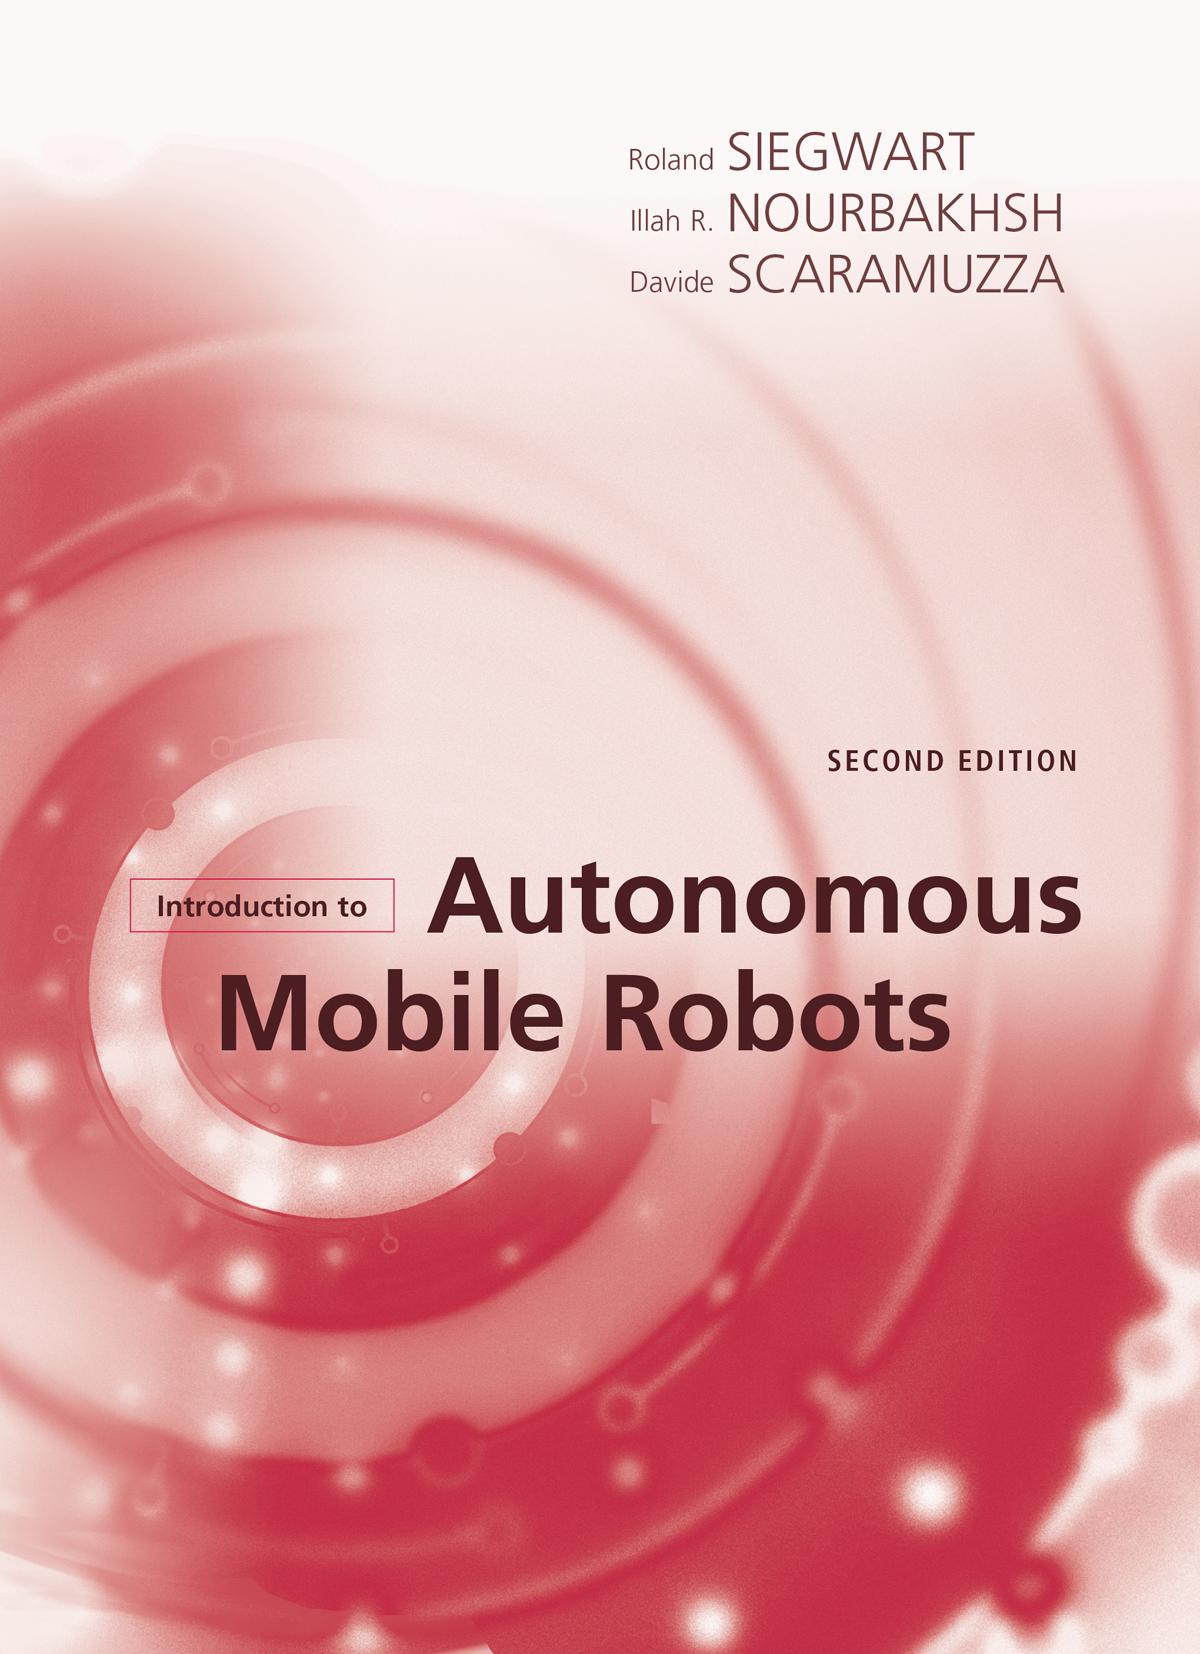 Introduction to Autonomous Mobile Robots